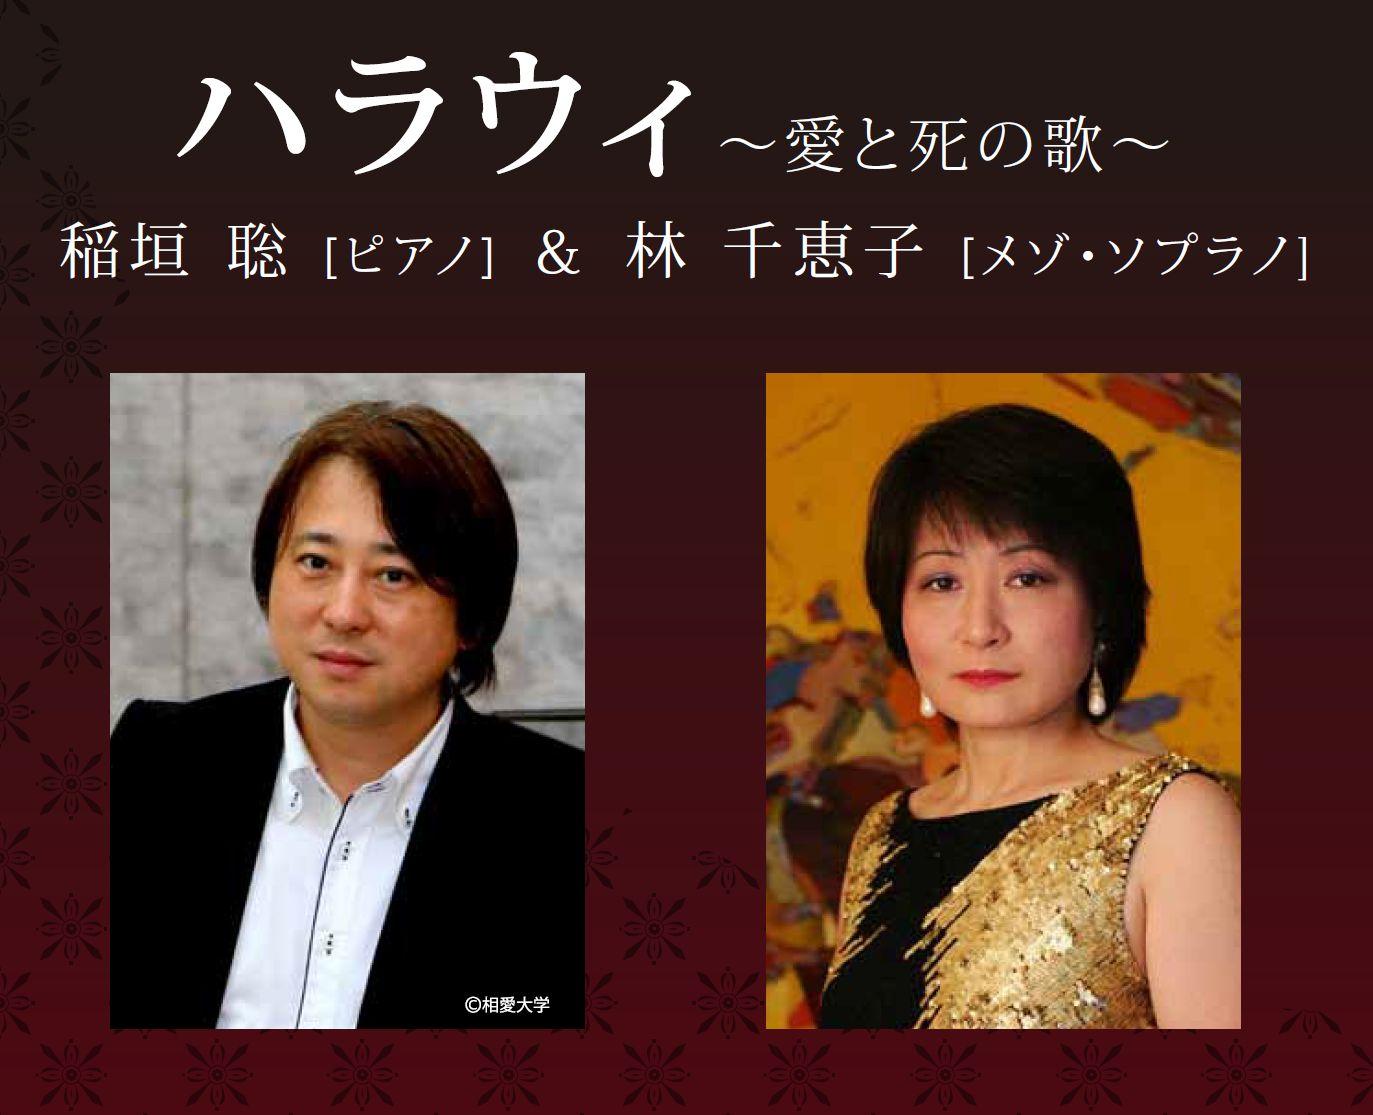 ハラウィ~愛と死の歌~(ピアノ:稲垣 聡/メゾ・ソプラノ:林 千恵子)